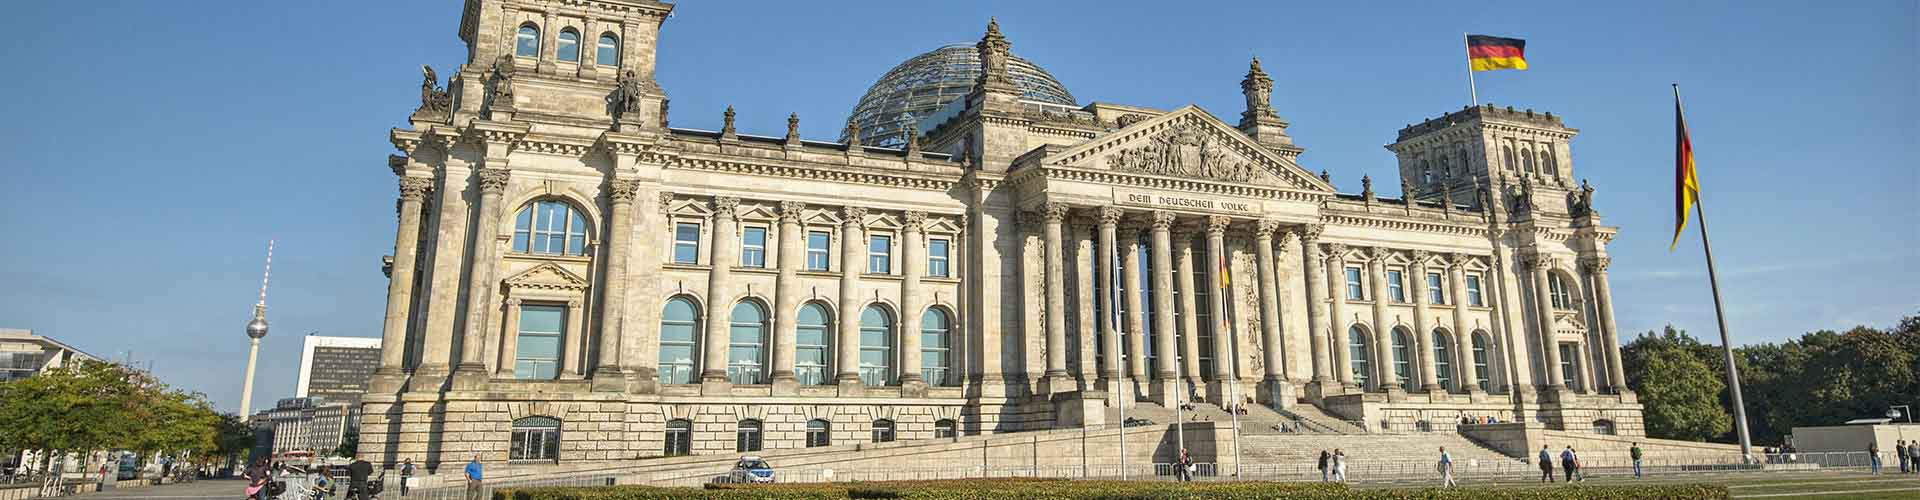 Berlín - Albergues cerca a Edificio del Reichstag. Mapas de Berlín, Fotos y Comentarios para cada Albergue en Berlín.